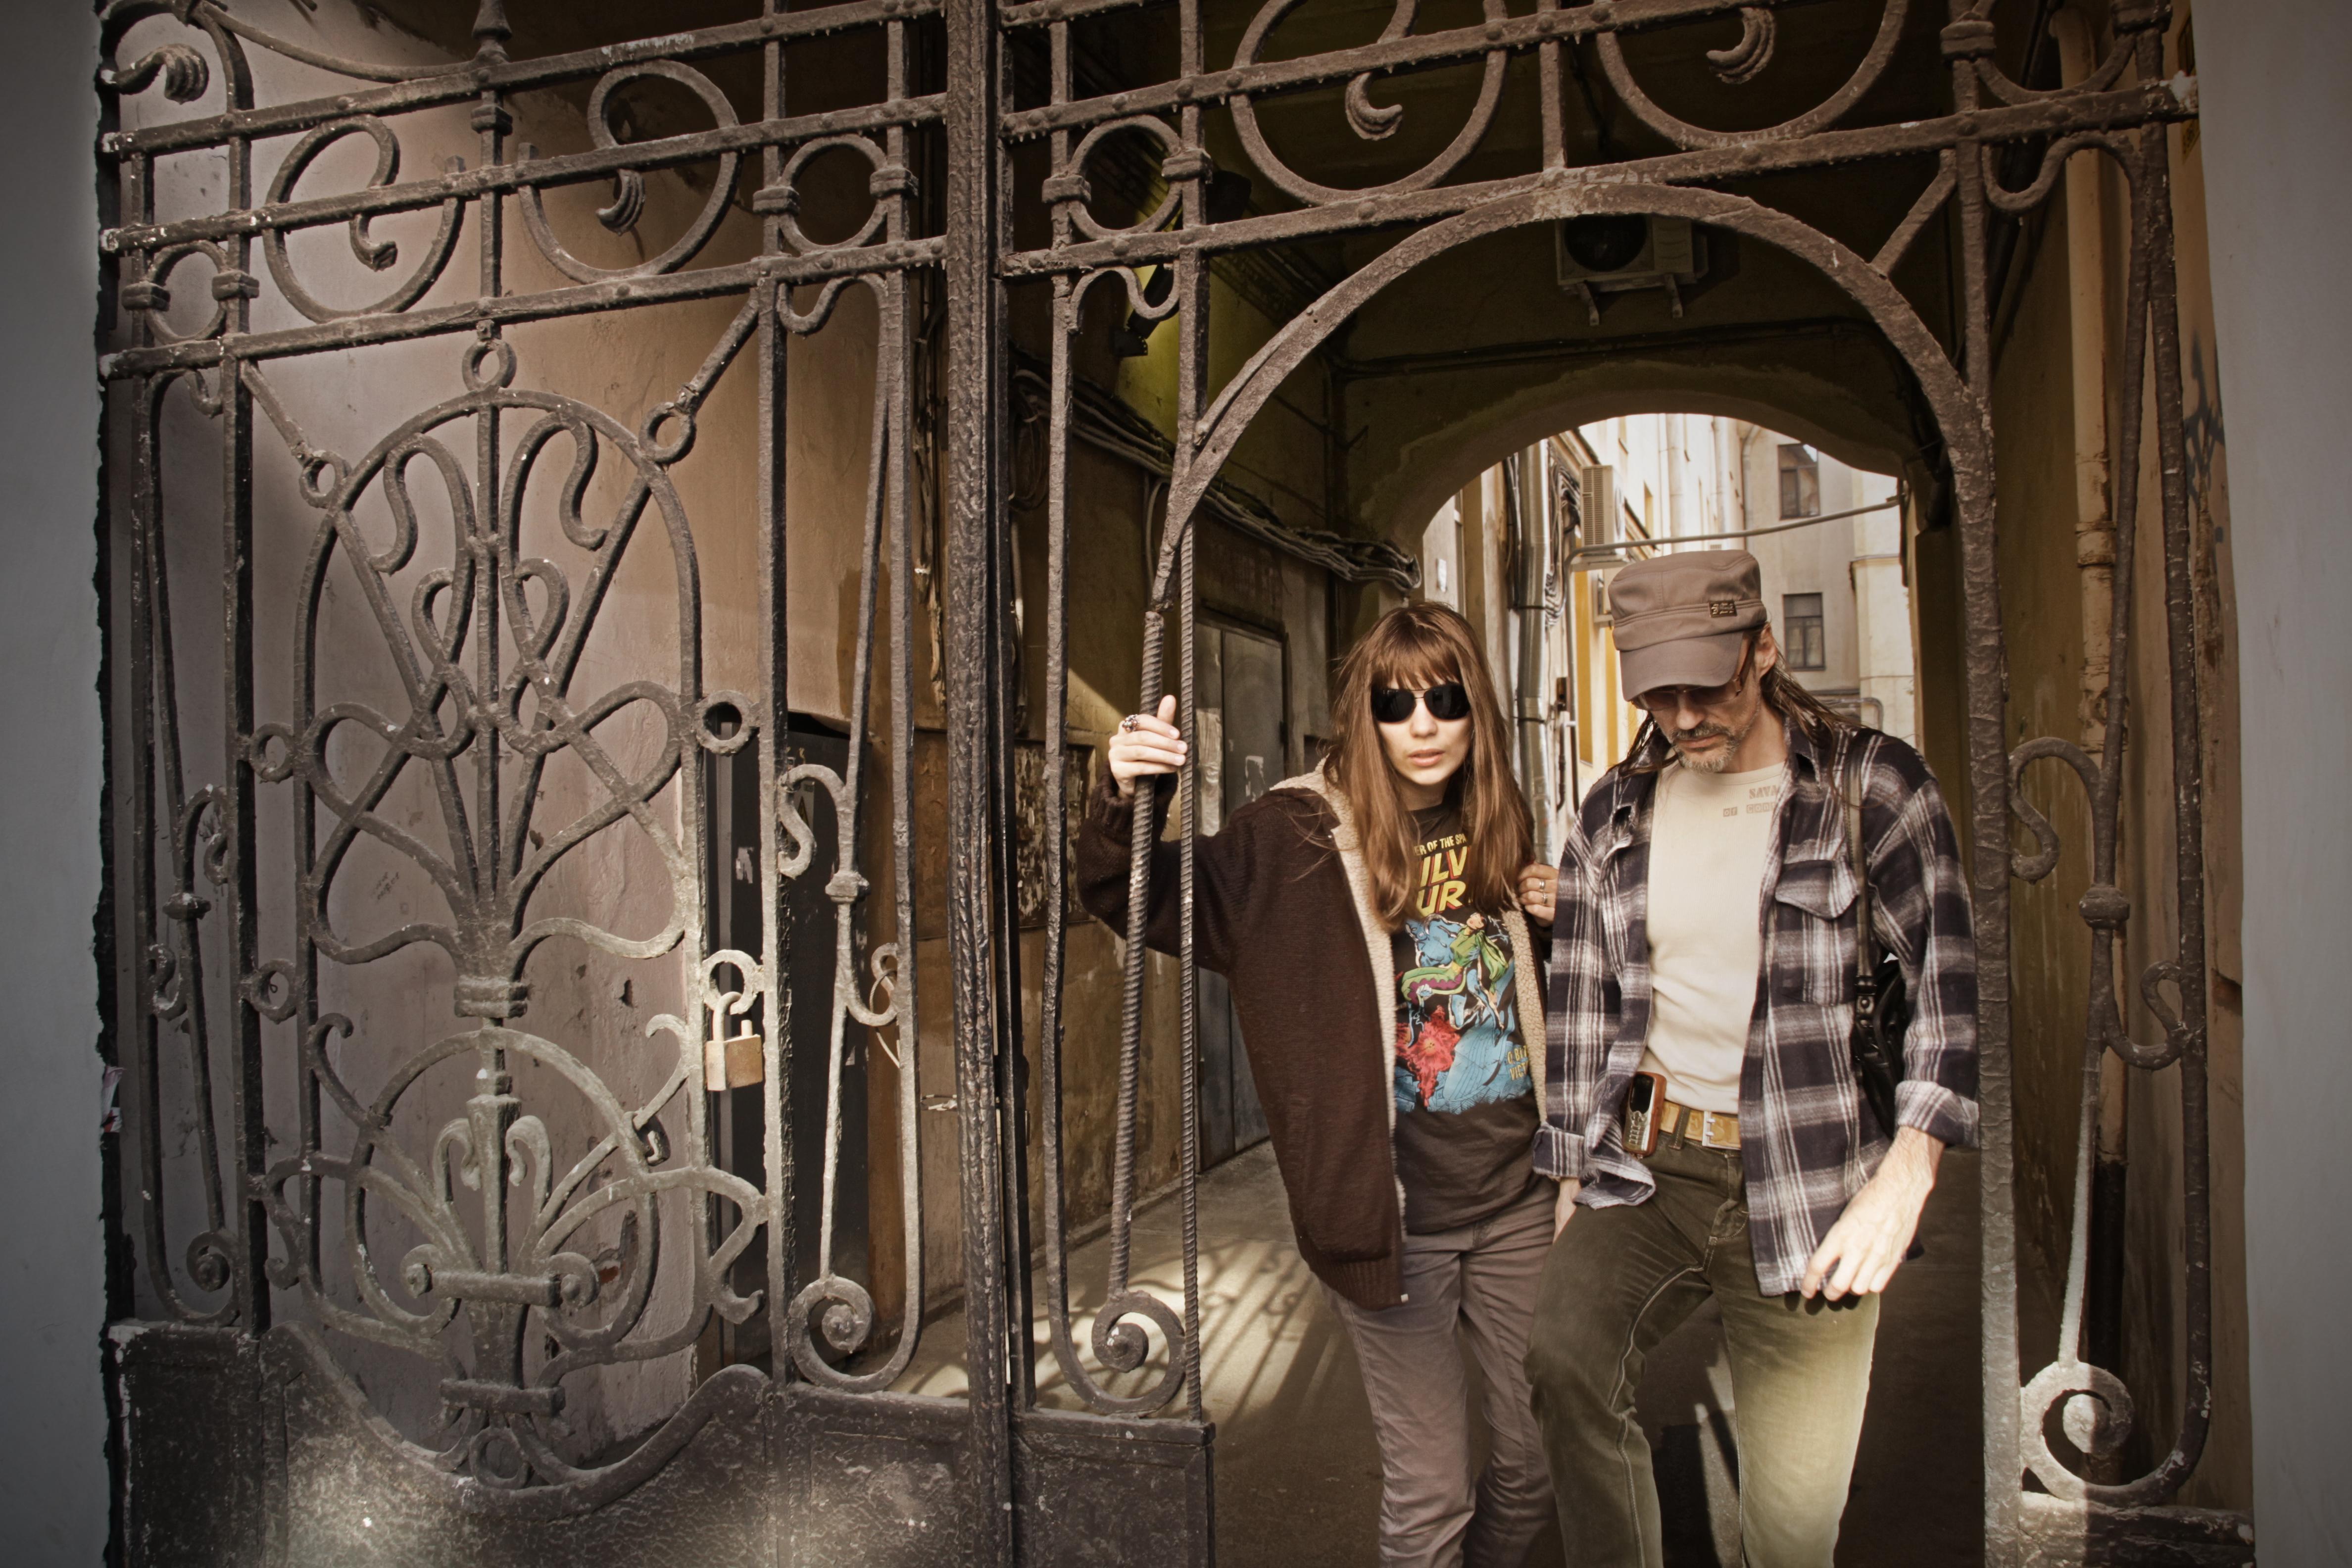 Пара выходит из кованных ворот в питерский двор.